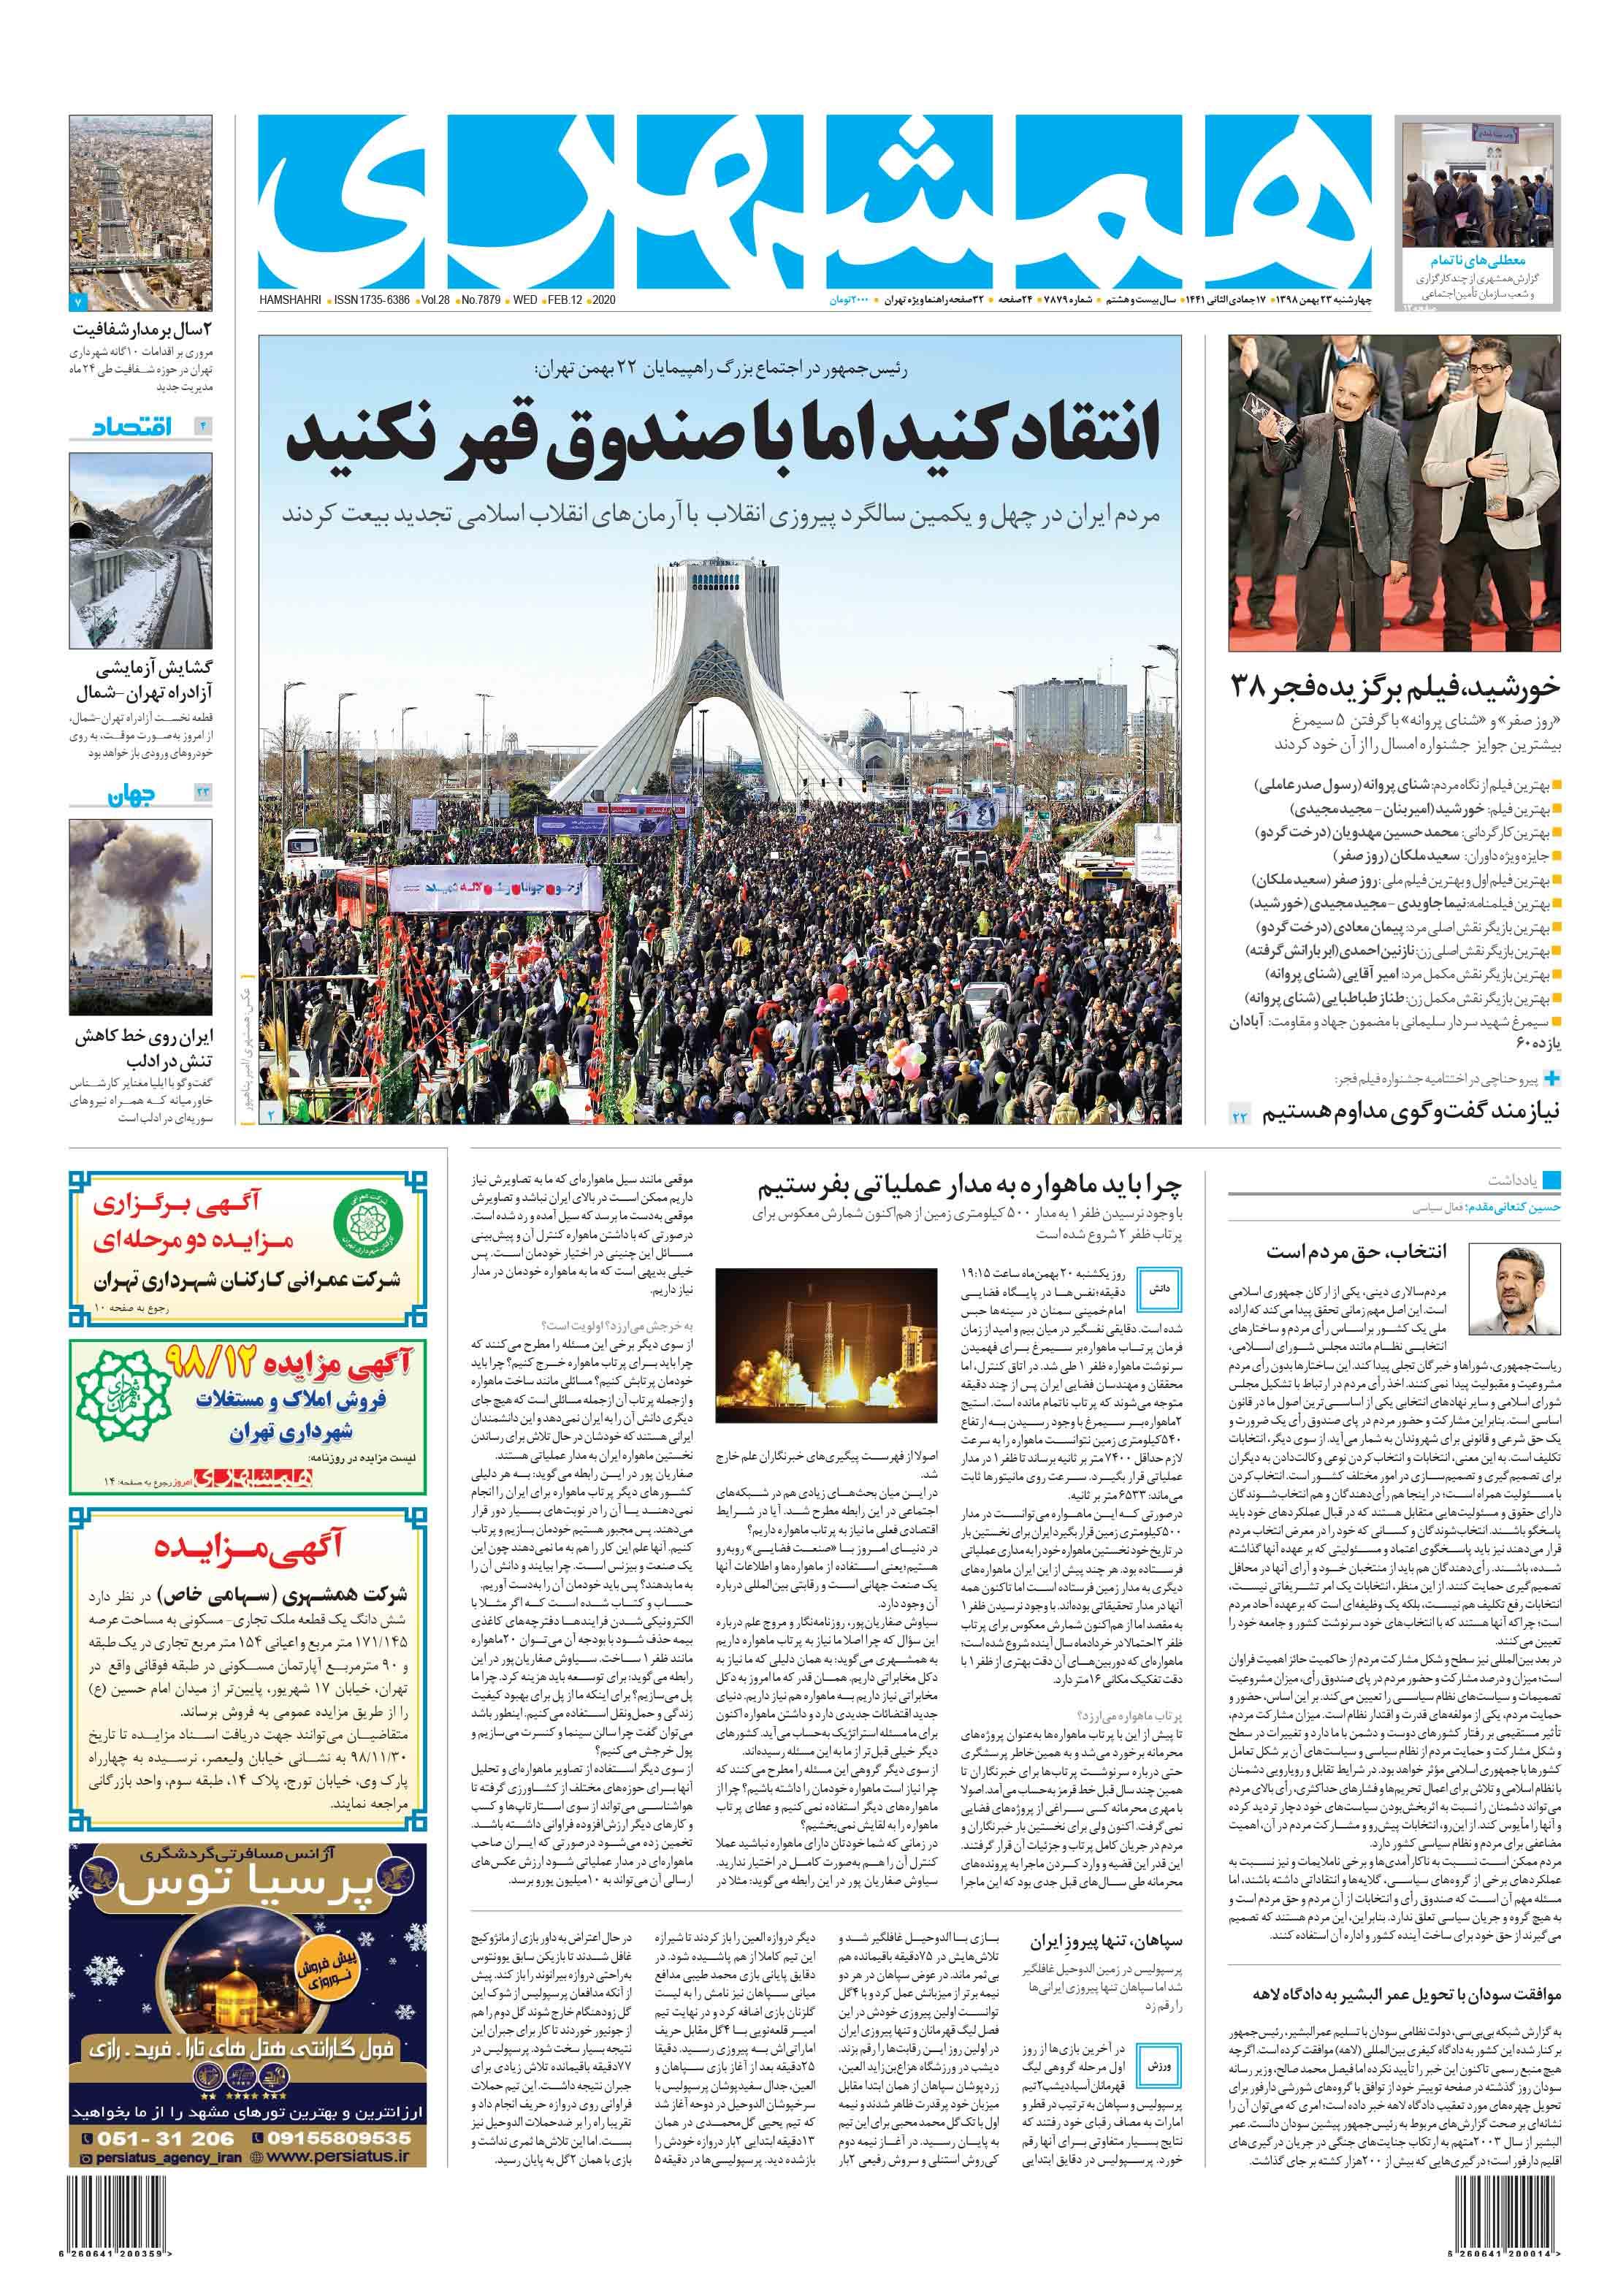 صفحه اول چهارشنبه 23 بهمن 1398